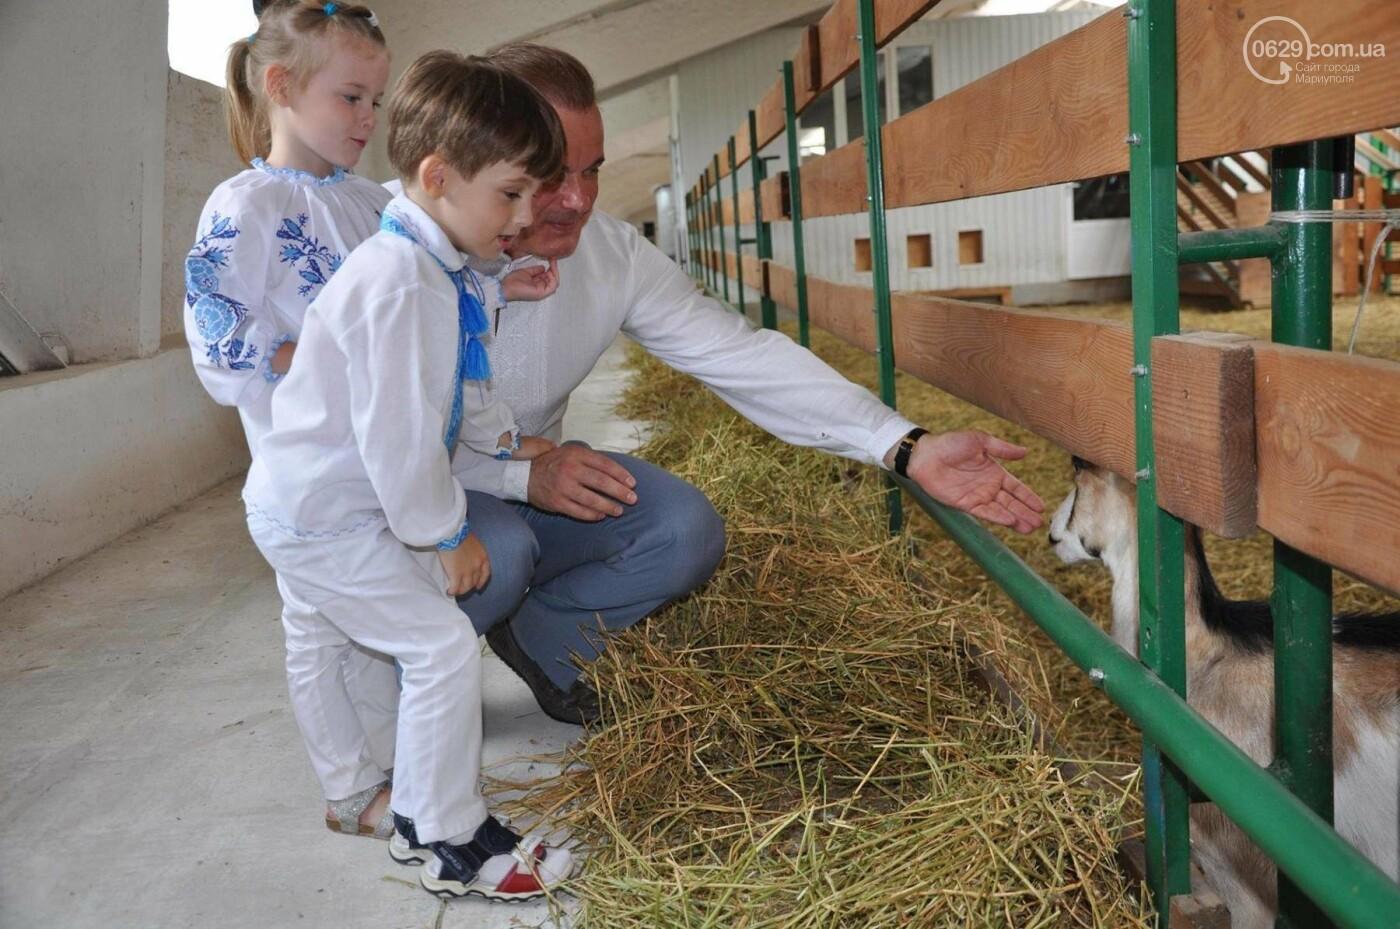 Юрий Тернавский: «Мариупольский молокозавод может напоить молоком каждого жителя Мариуполя и Приазовья», фото-47